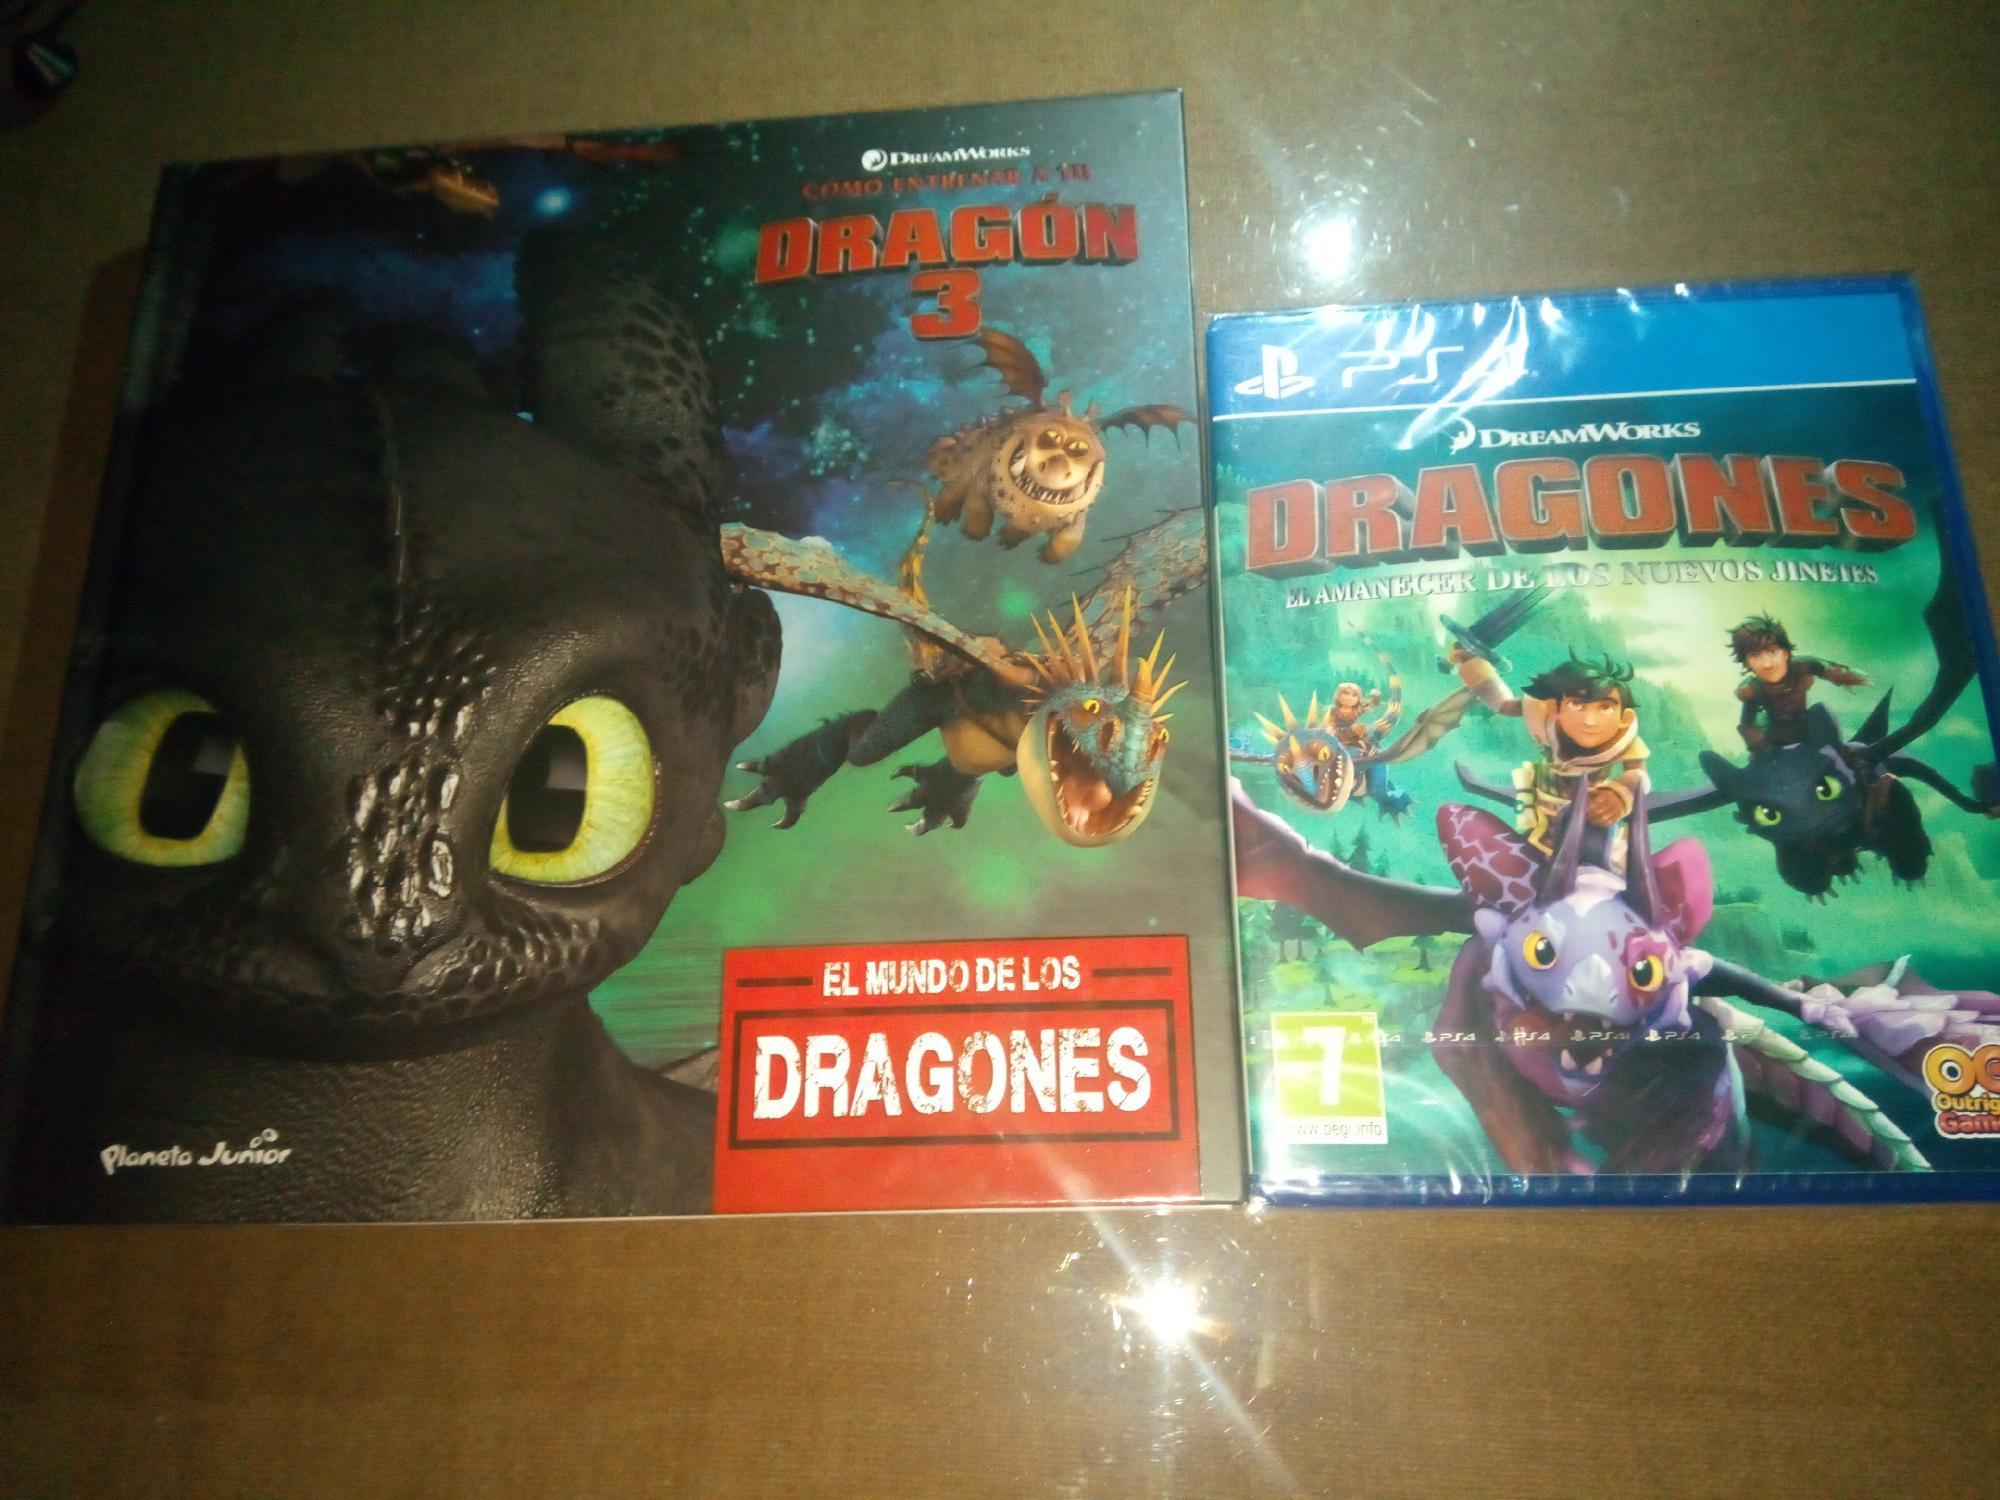 Día de dragones